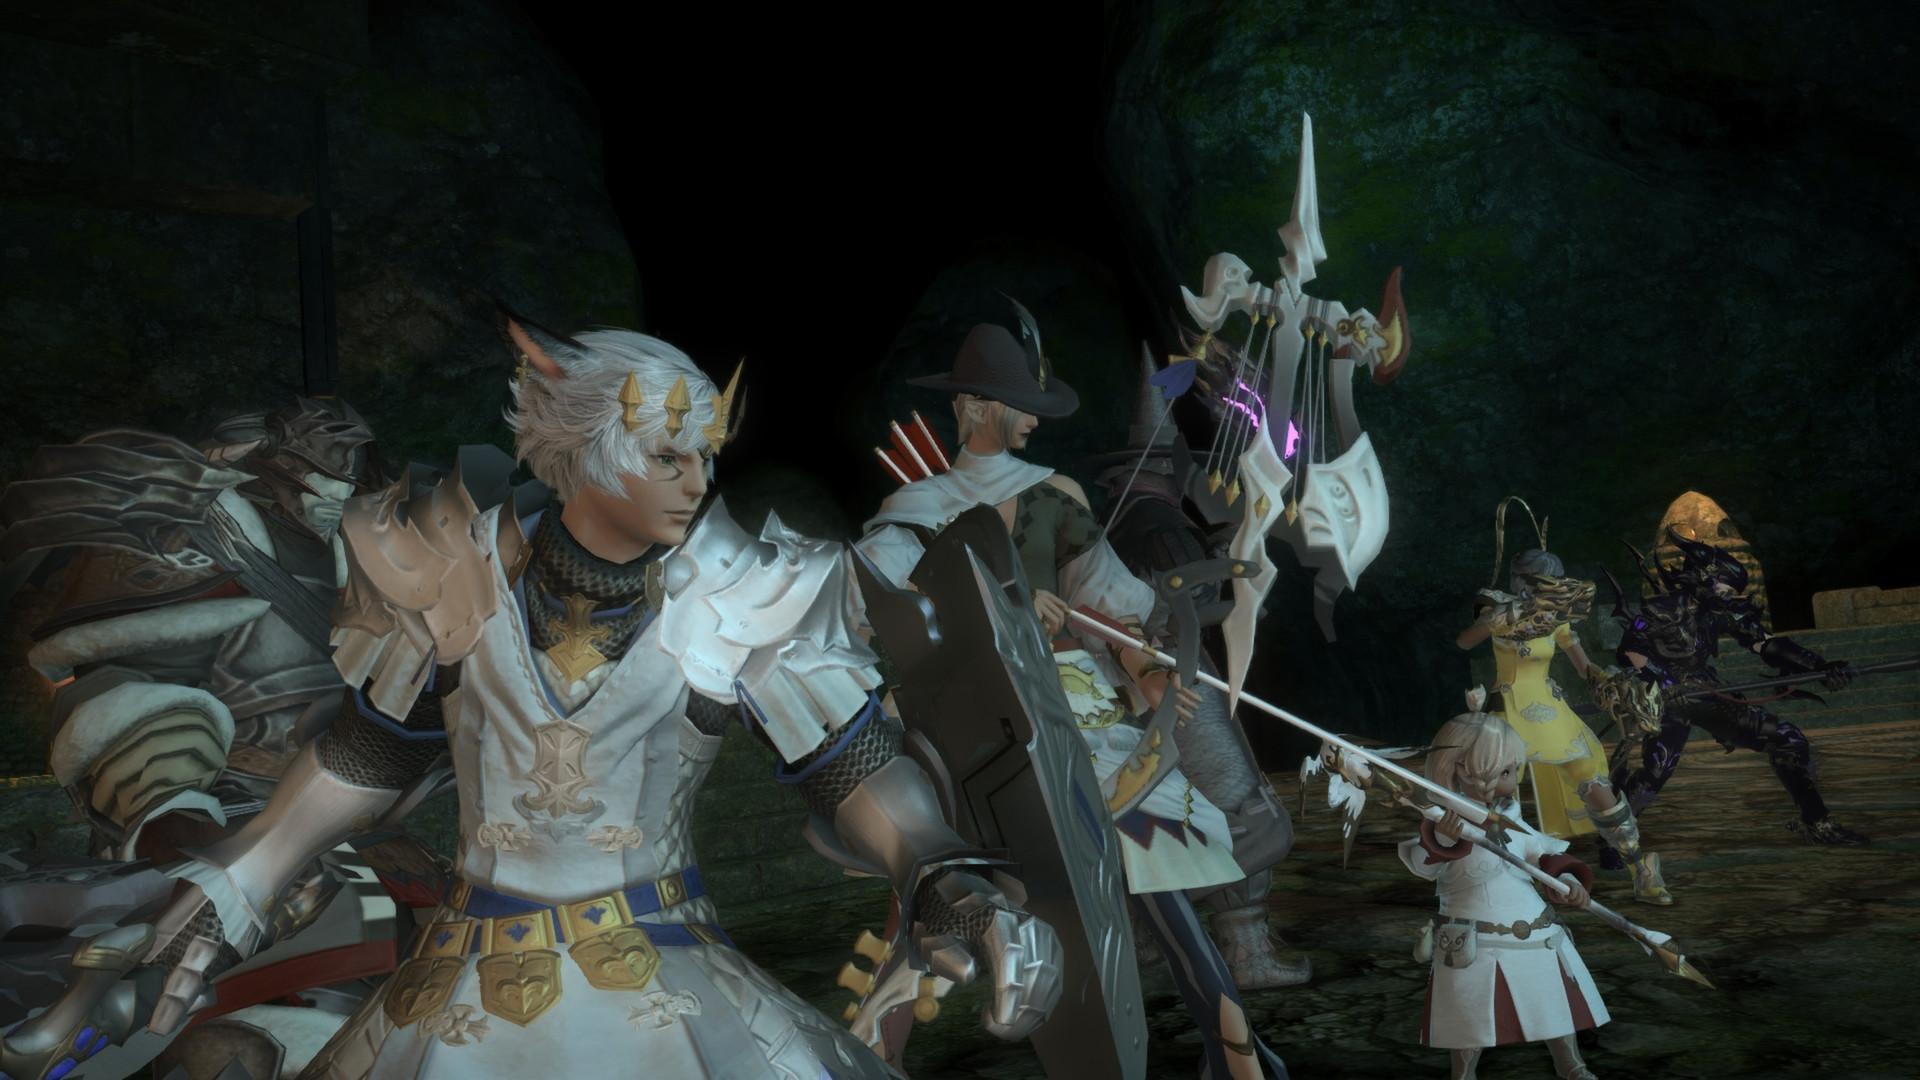 В Final Fantasy XIV прошел масштабный марш в честь погибшего геймера